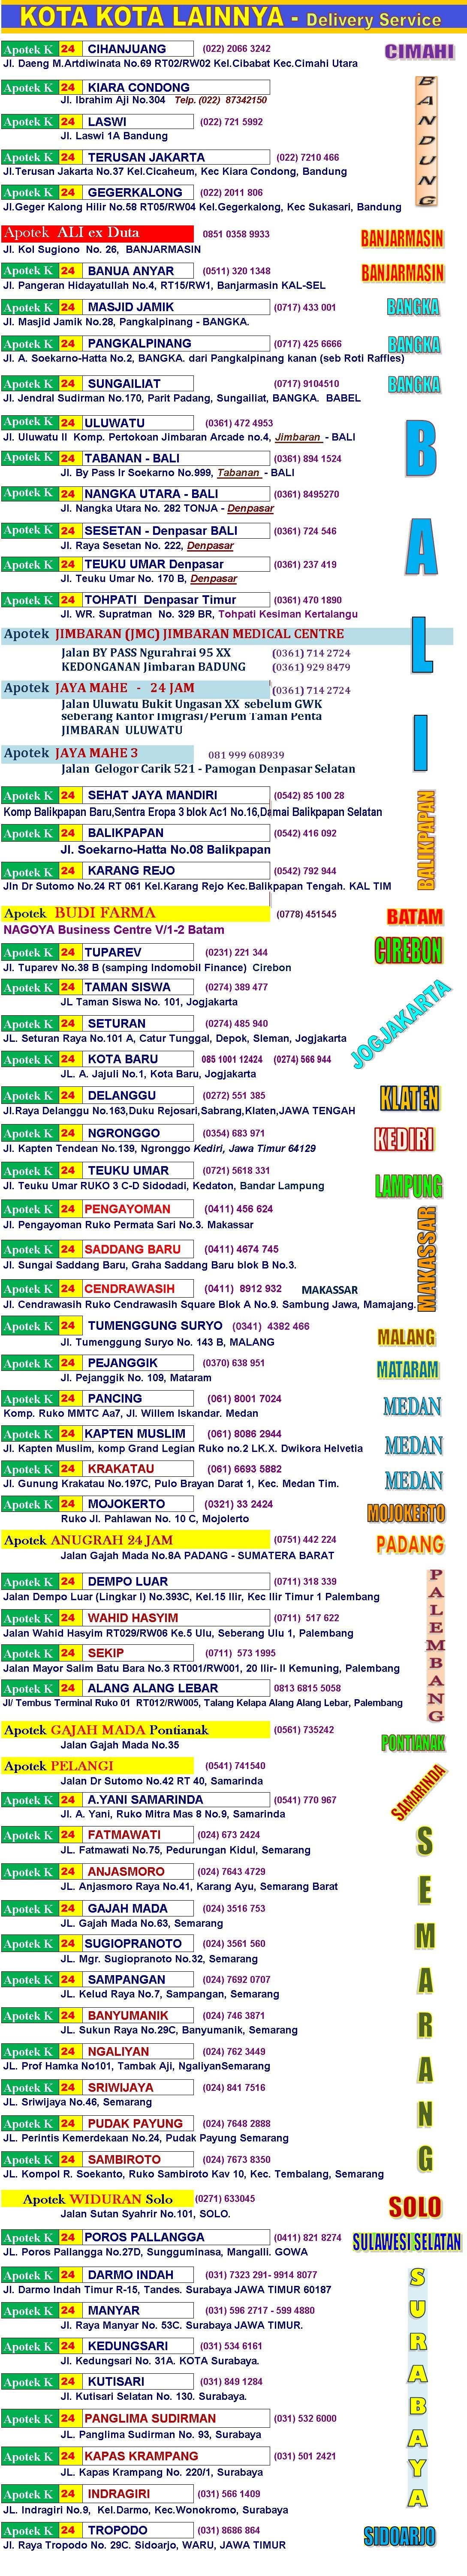 OBAT KUAT. Hati-hati obat PALSU! Dapatkan obat asli di apotek apotek kami yang resmi di beberapa kota di Indonesia.